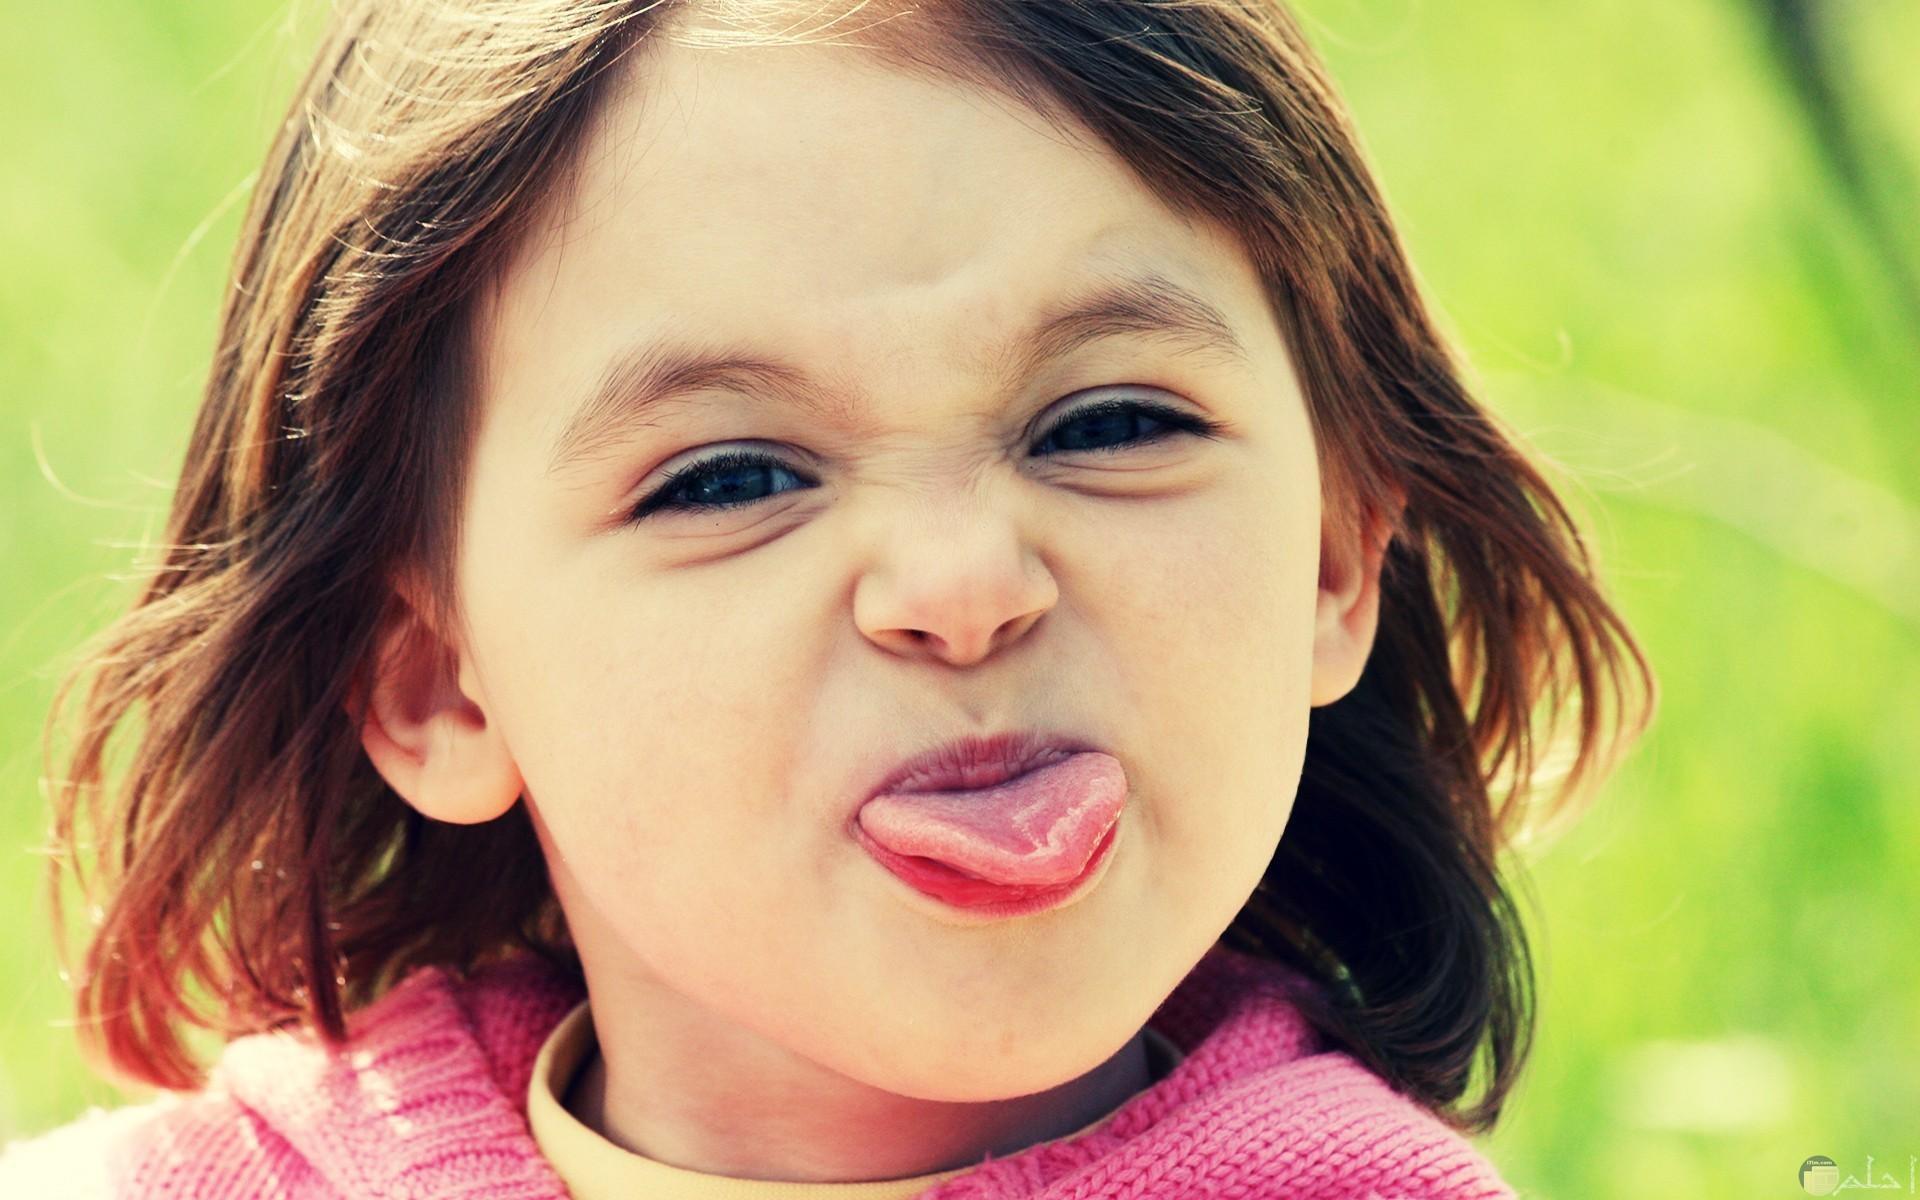 بنت صغيرة جميلة تخرج لسانها.